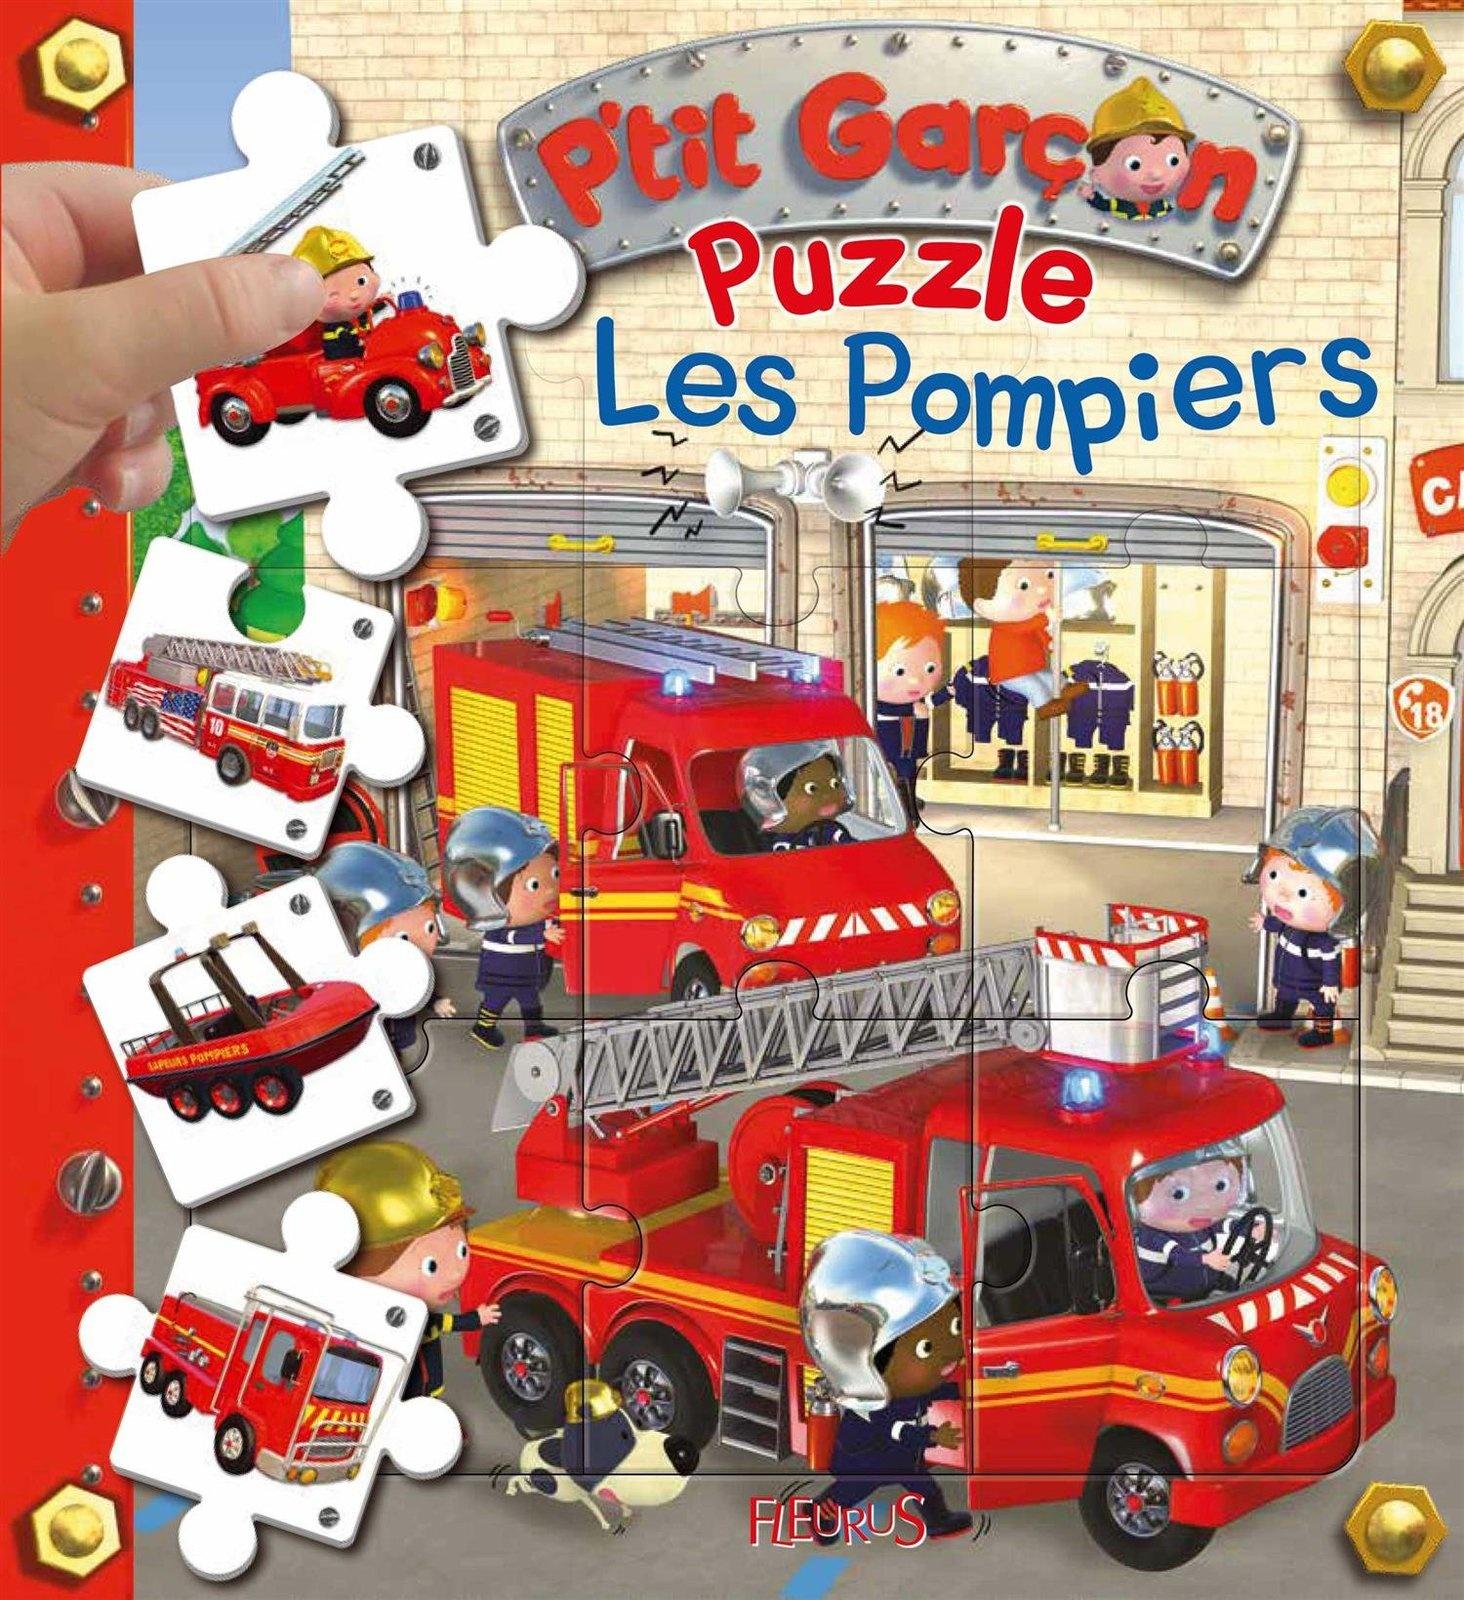 Puzzle Les Pompiers (P'tit Garçon) - Jeux Tu Lis destiné Jeux De Garçon 3 Ans